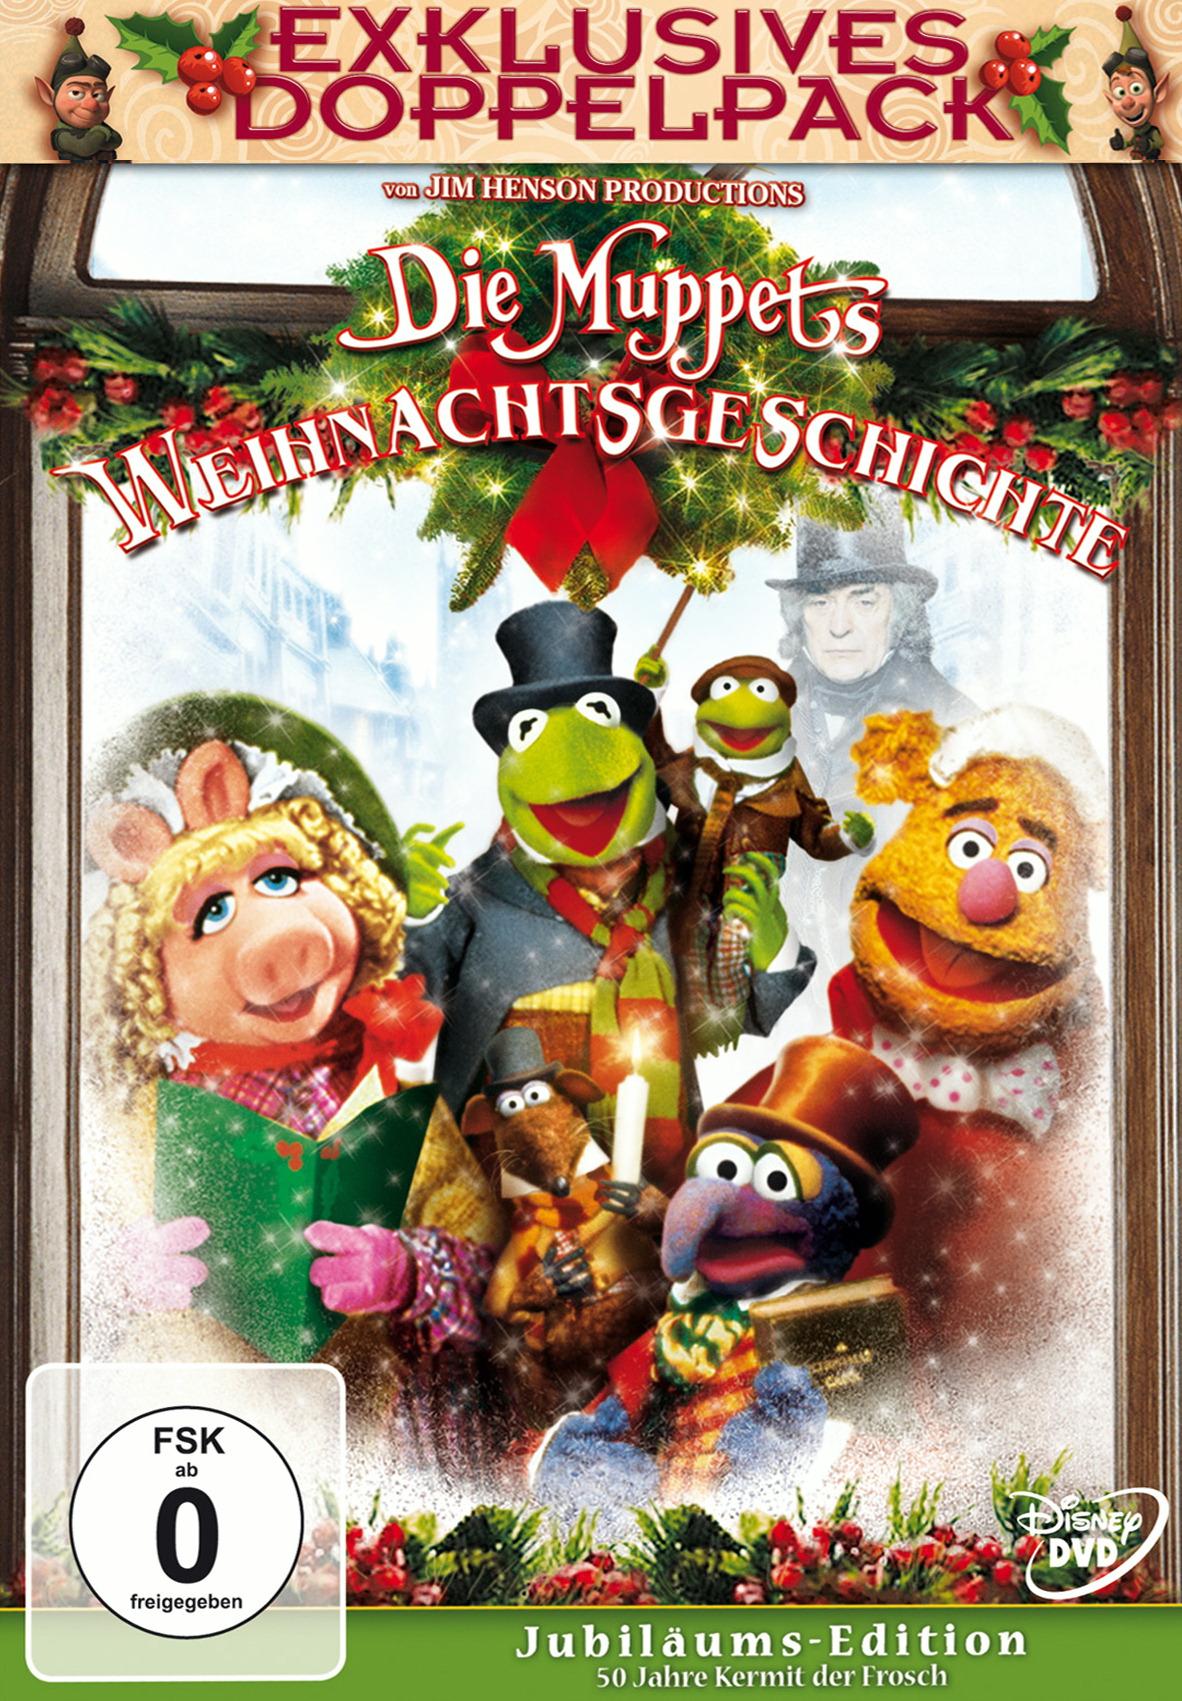 Weihnachtspack 01 (2 Discs) Poster